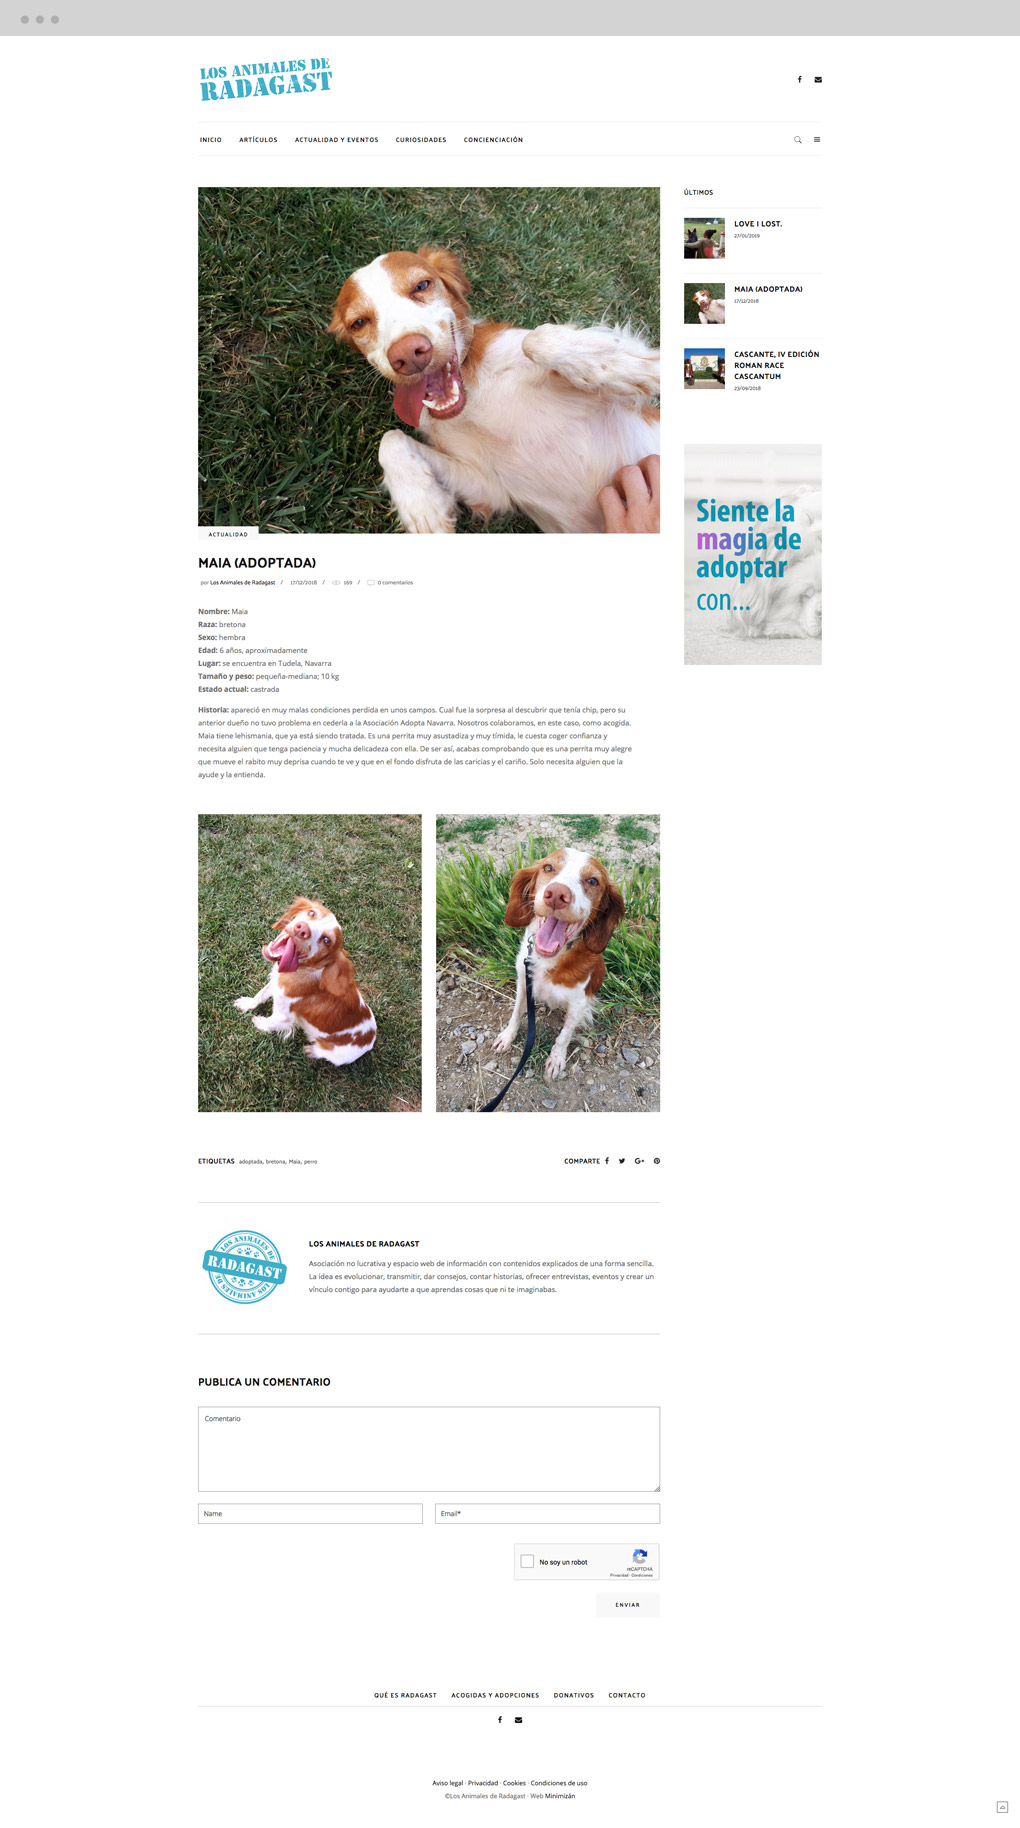 presentación de diseño de magazine electrónico dedicado a los animales y la naturaleza pantalla de adopciones